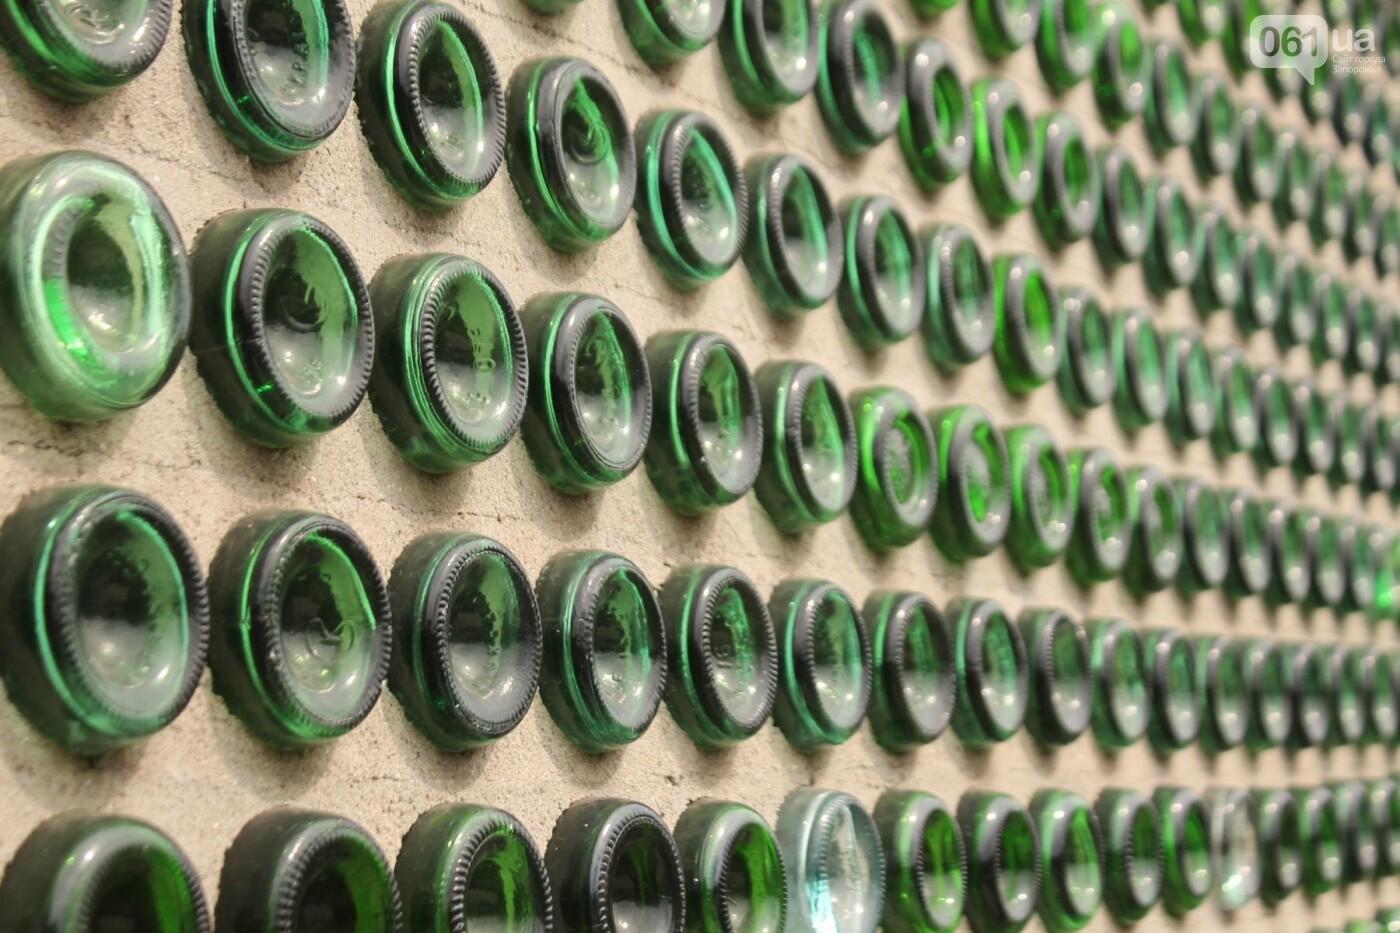 «Отцу предлагали продать дом за миллион. Он отказался»: история замка из бутылок шампанского, – ФОТОРЕПОРТАЖ, фото-6